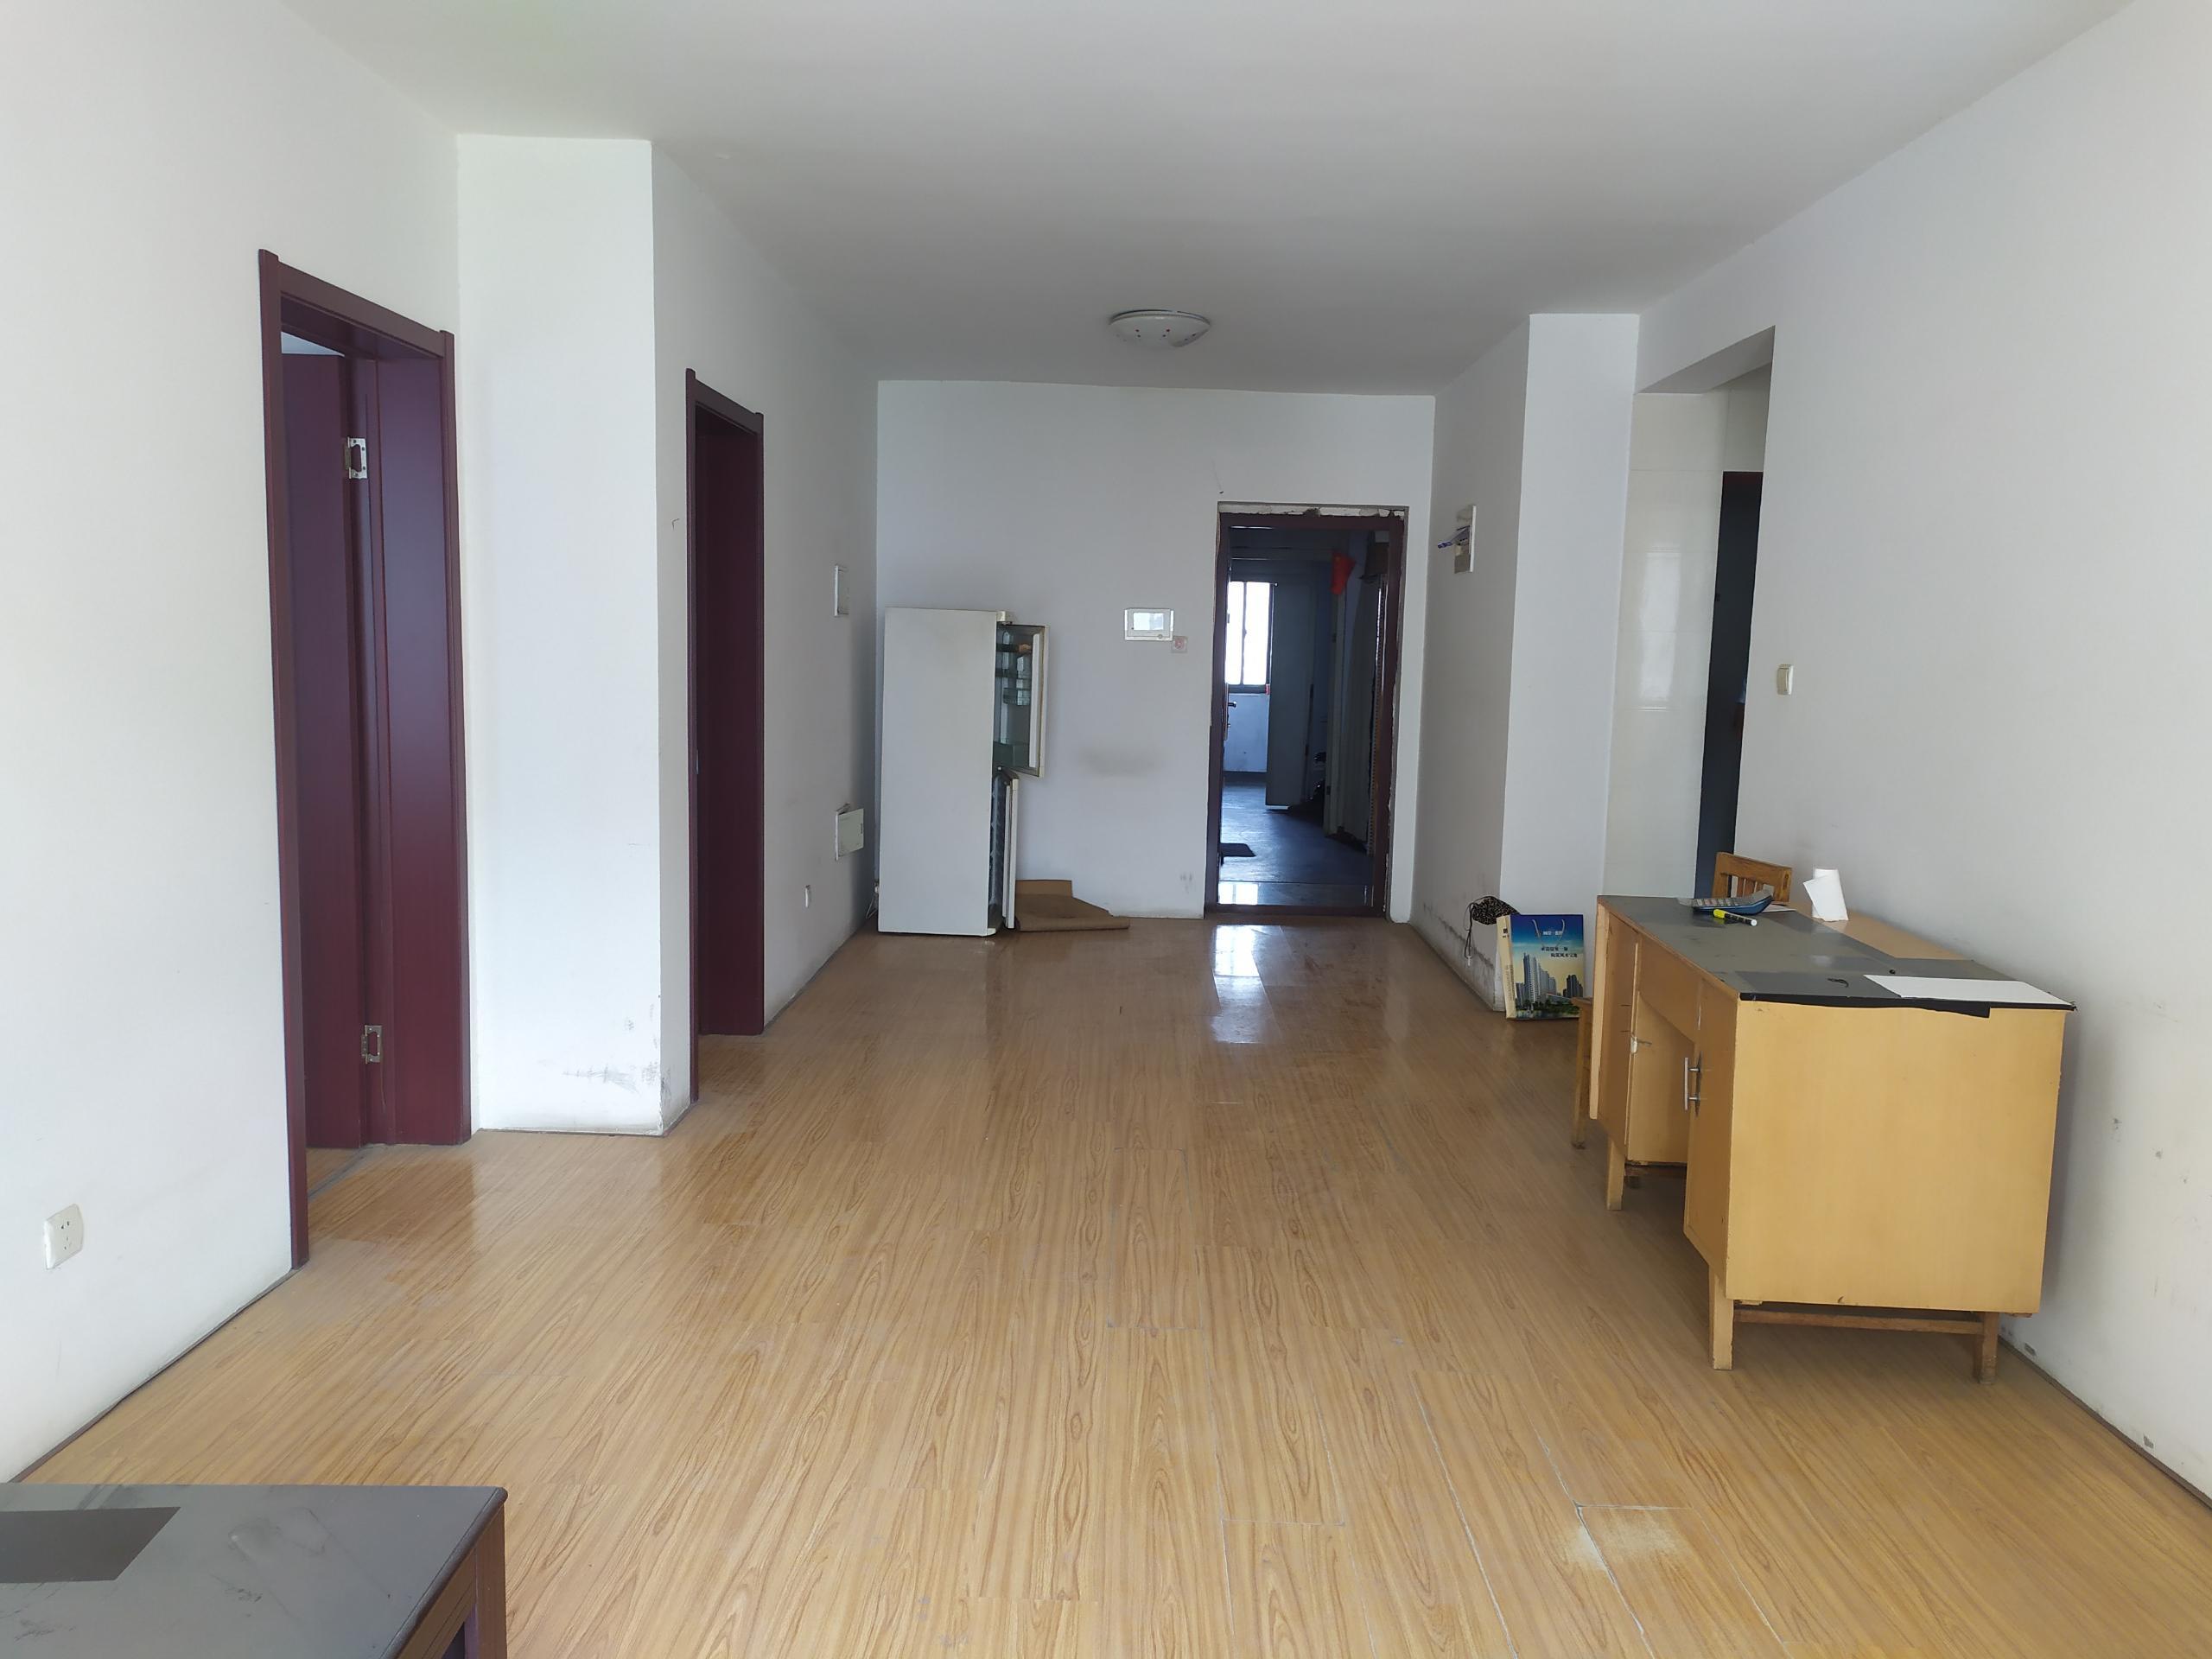 天泽园 毛坯两居室 老证能贷款 有钥匙 随时看房。